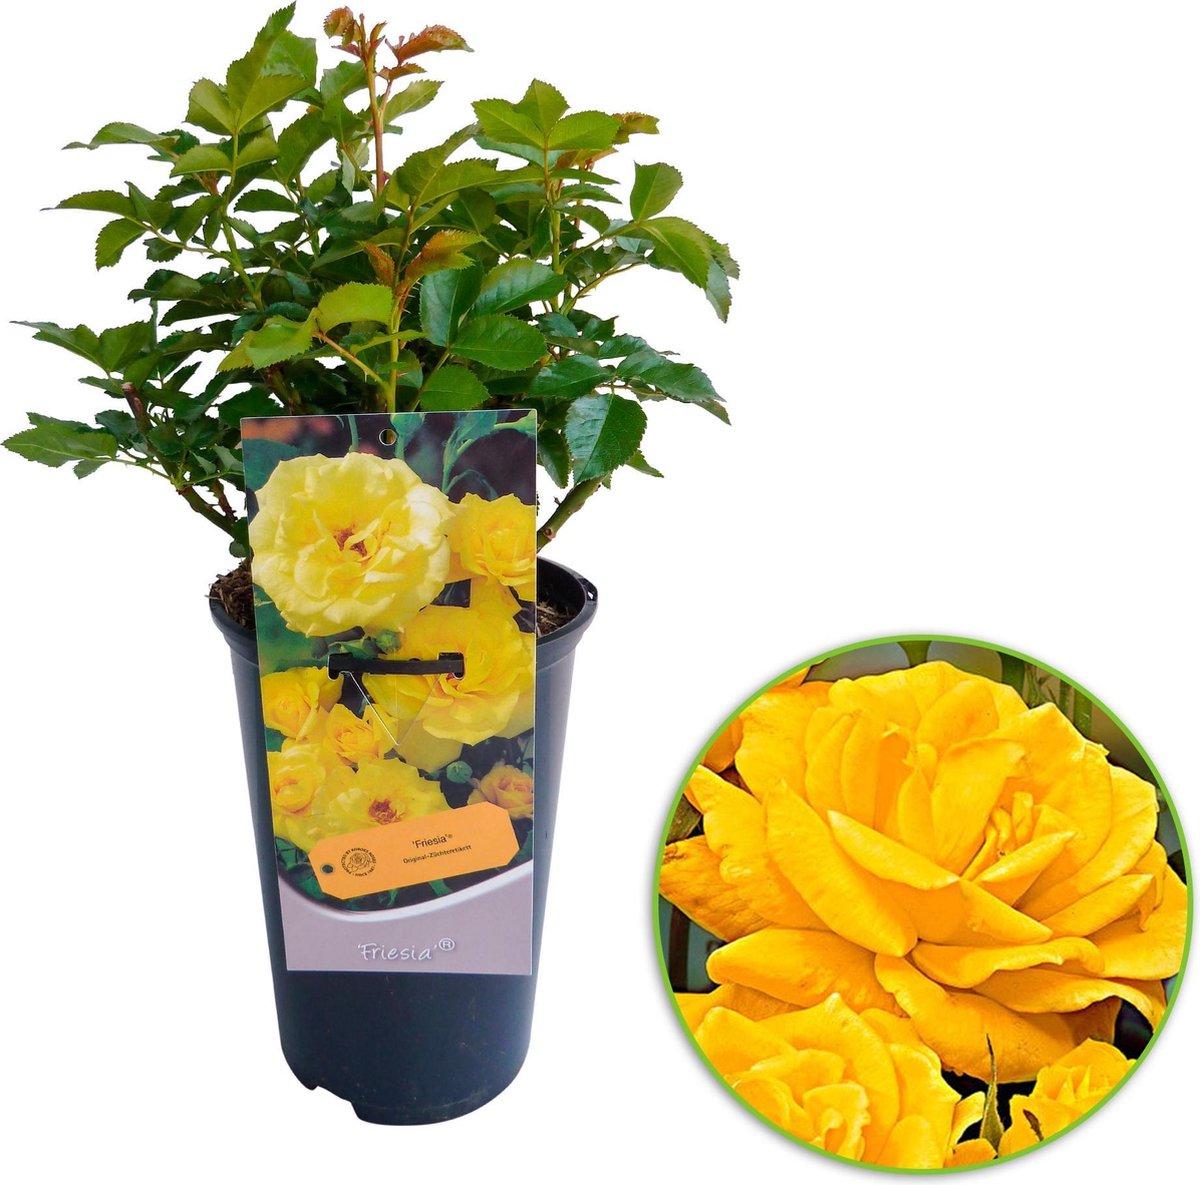 Rosa 'Friesia'  - Grootbloemige roos op pot - Geel - ↑ 35-40cm - Ø 17cm